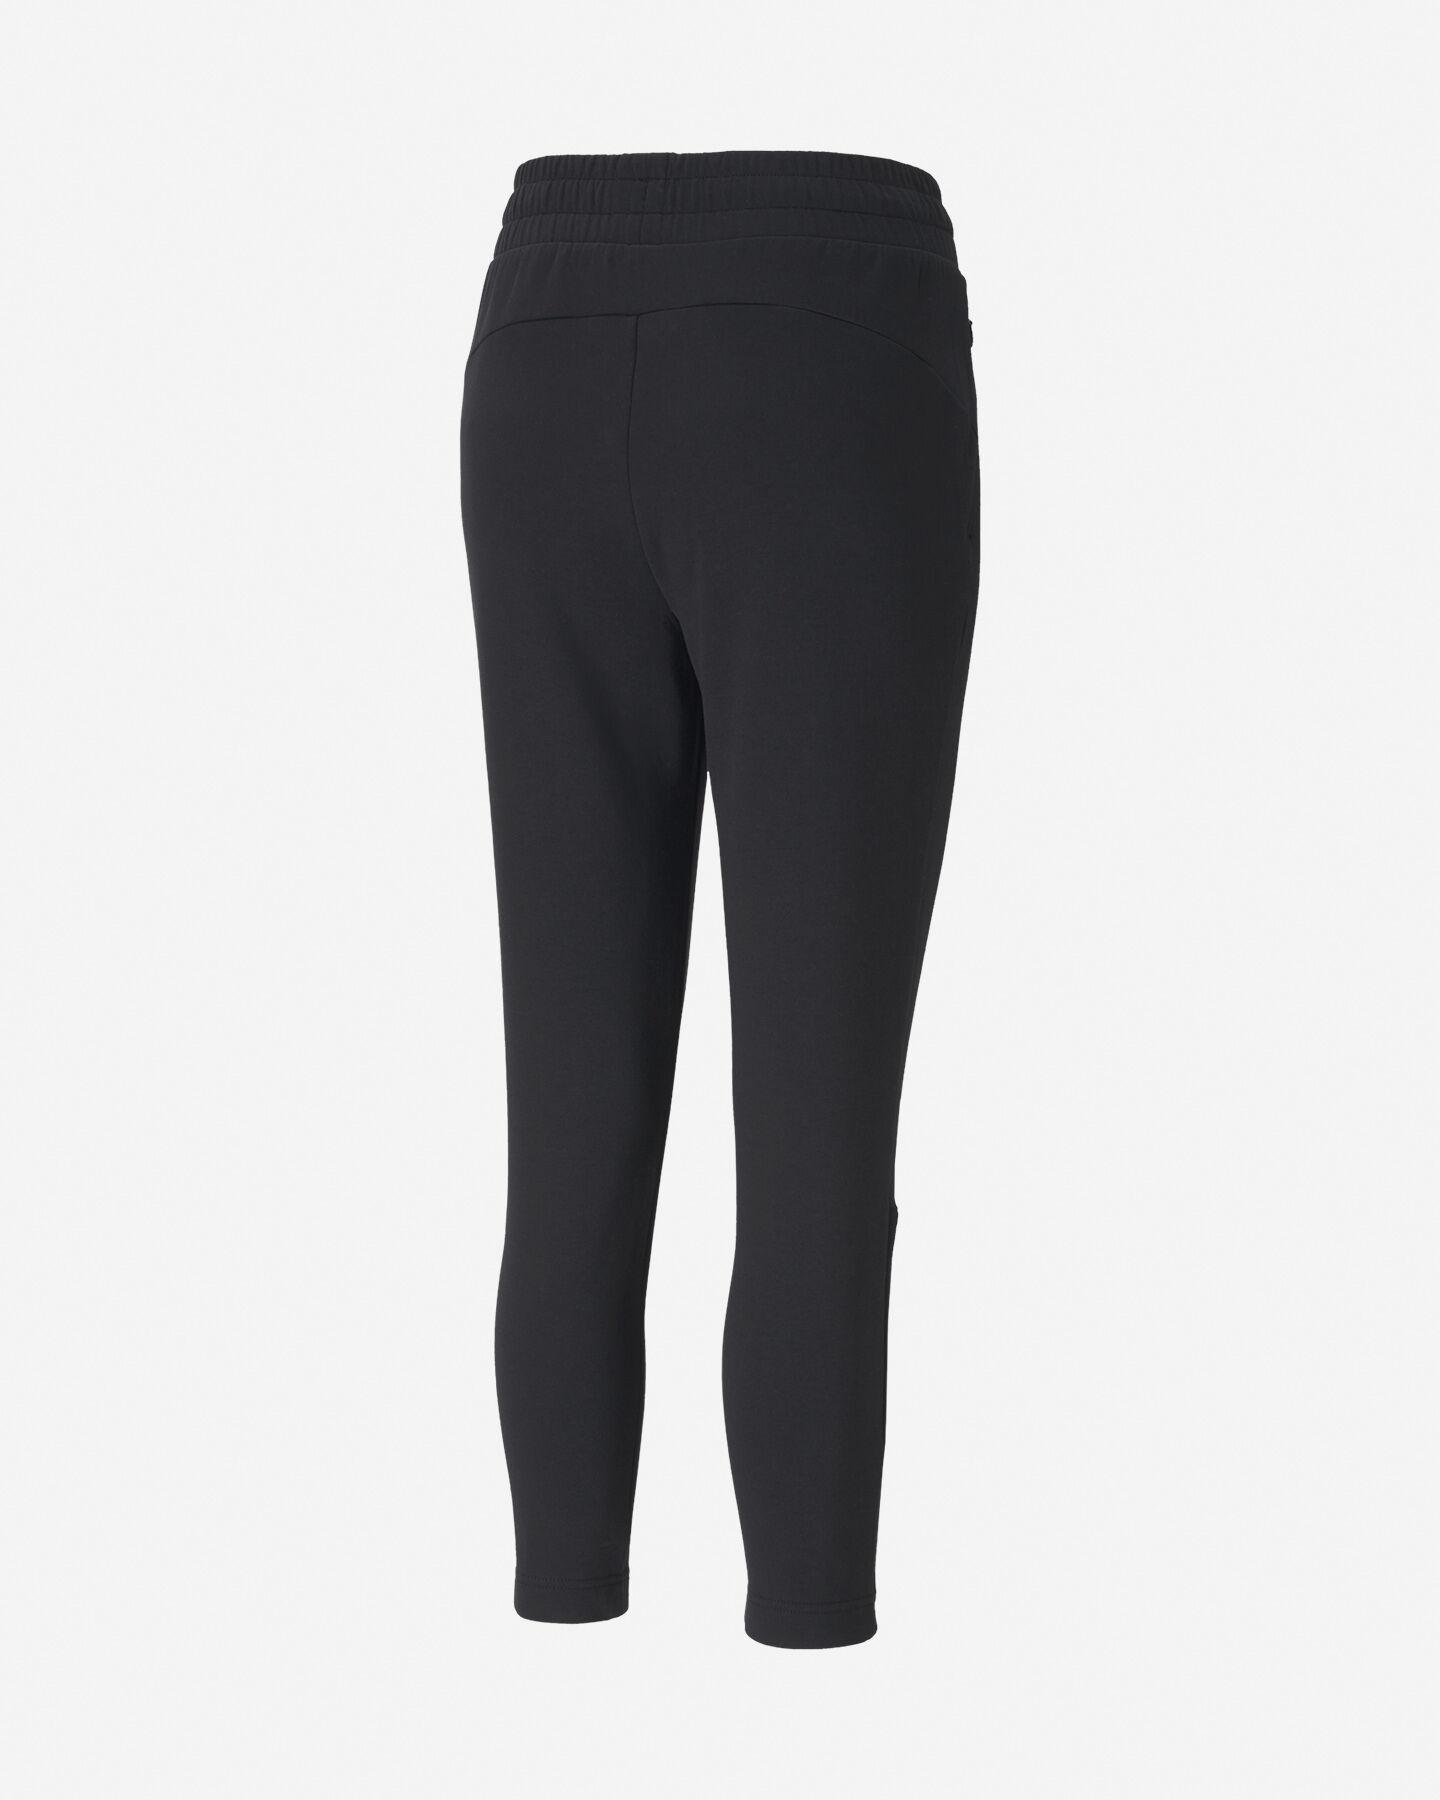 Pantalone PUMA DOUBLE W S5235217 scatto 1